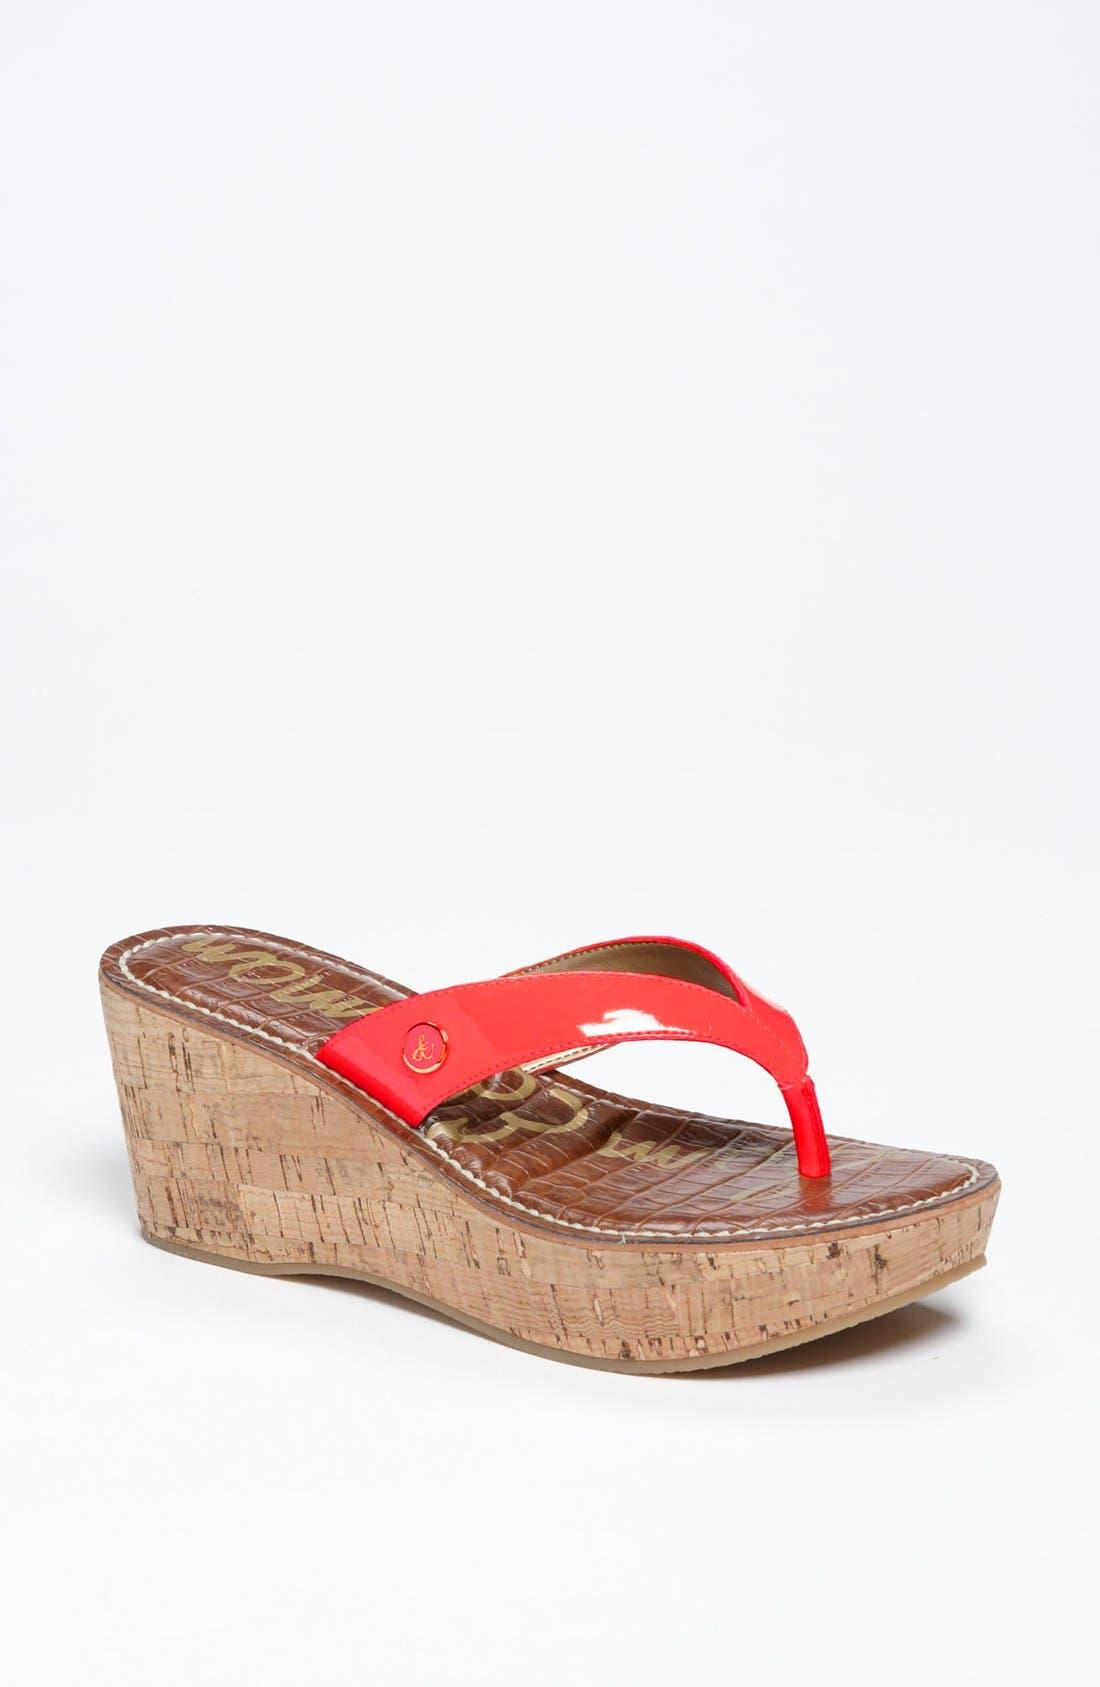 Main Image - Sam Edelman 'Romy' Wedge Sandal (Women)